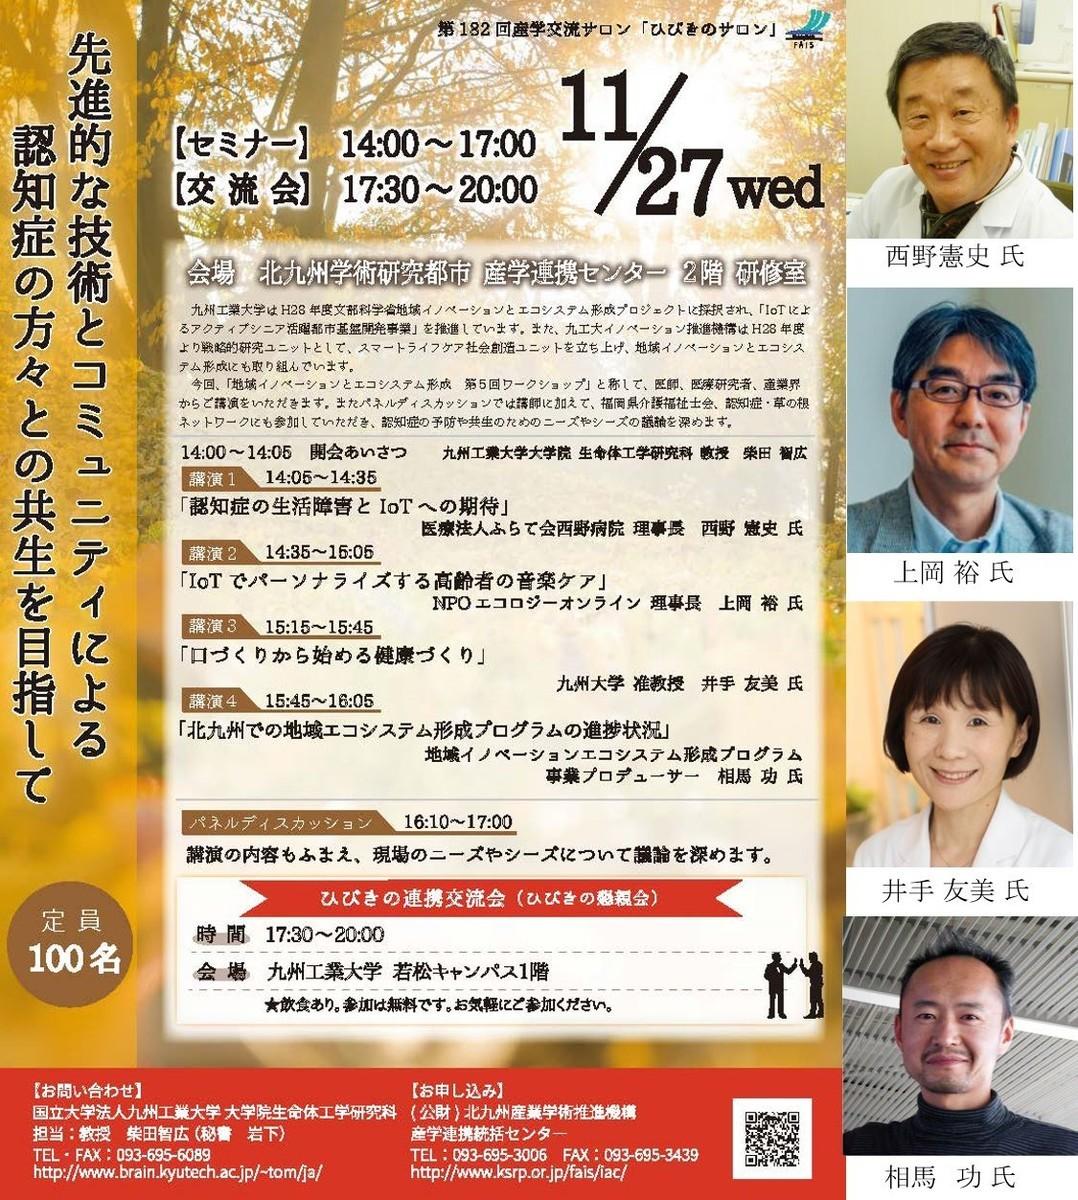 f:id:tshibata:20191117105448j:plain